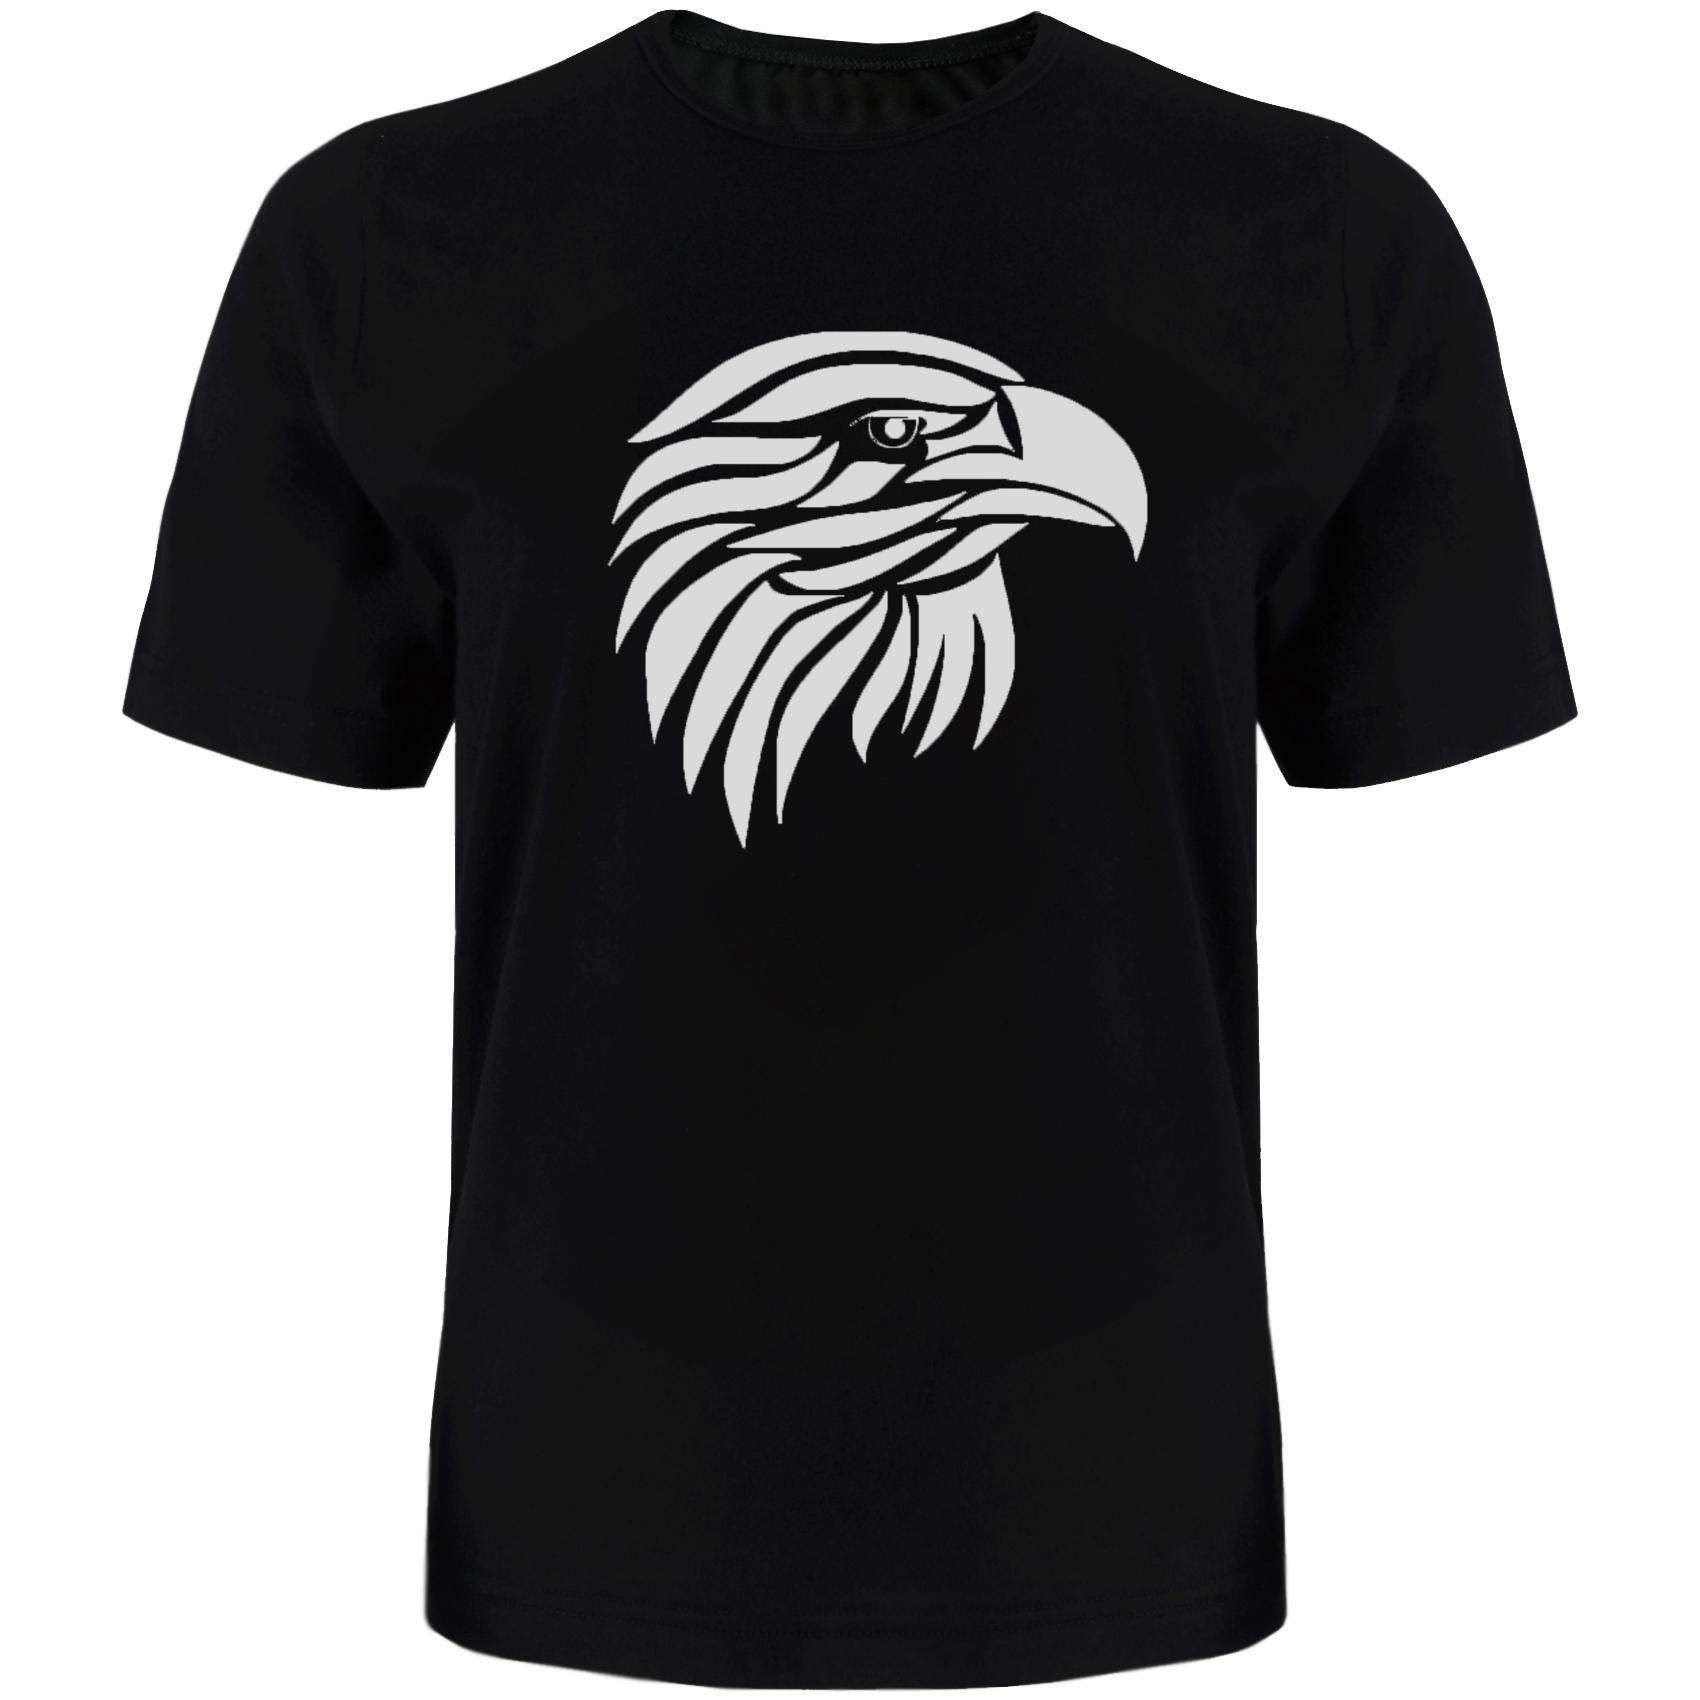 تی شرت آستین کوتاه مردانه طرح عقاب کد TR05